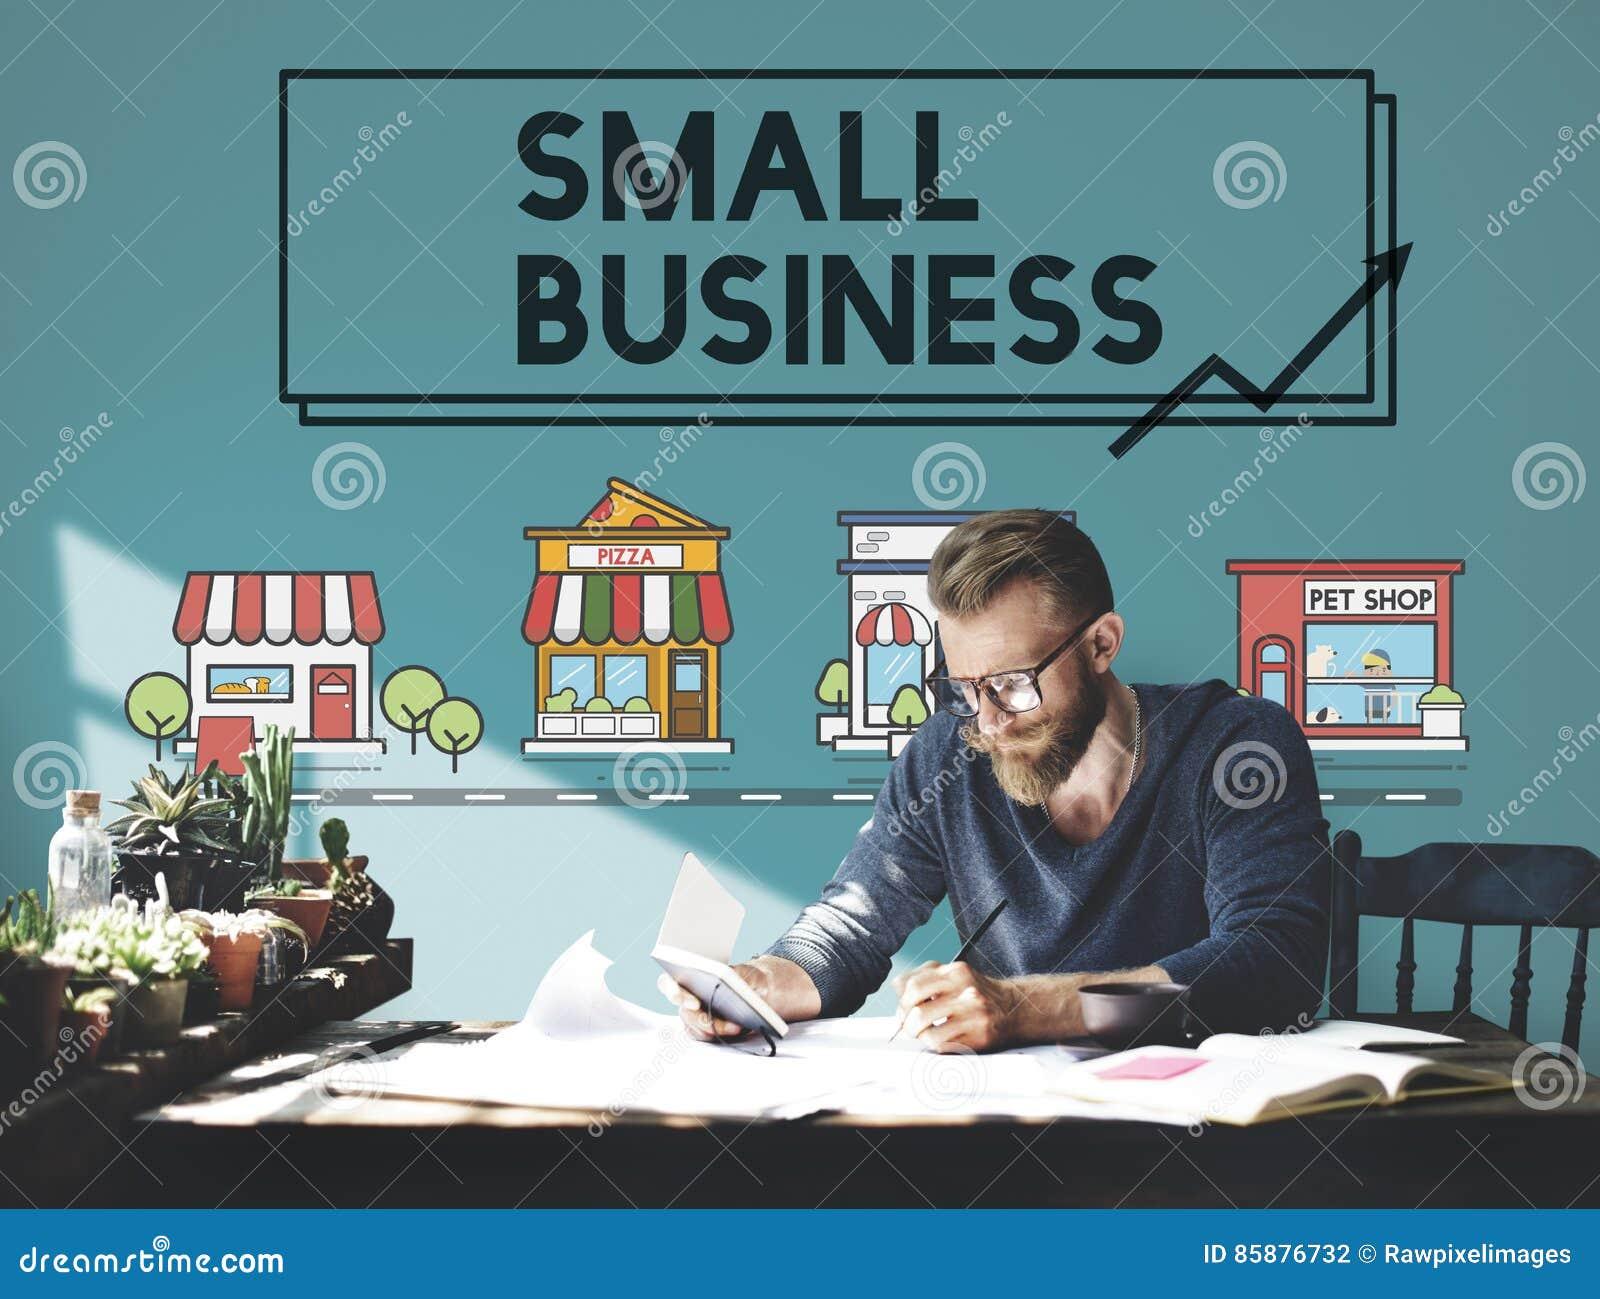 Kleinbetrieb-Strategie-Marketing-Unternehmens-Konzept